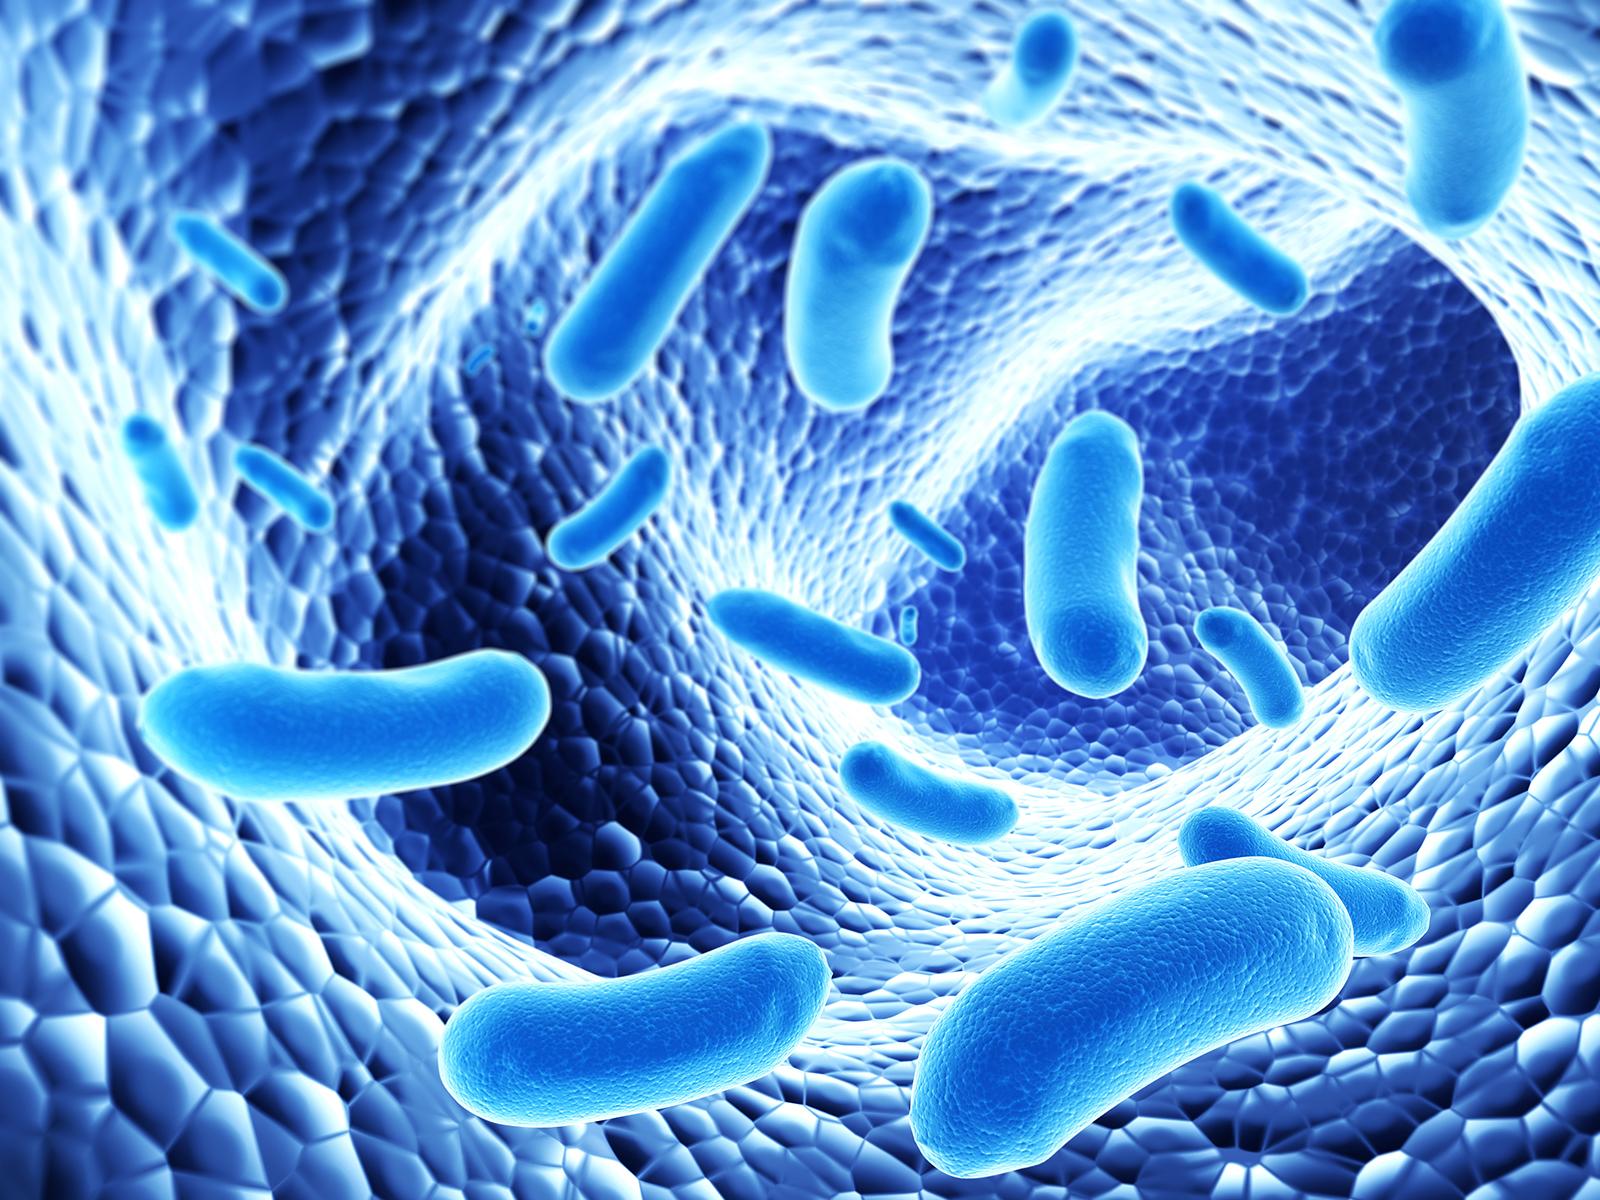 البروبايوتيك البكتيريا النافعة فى الجهاز الهضمى